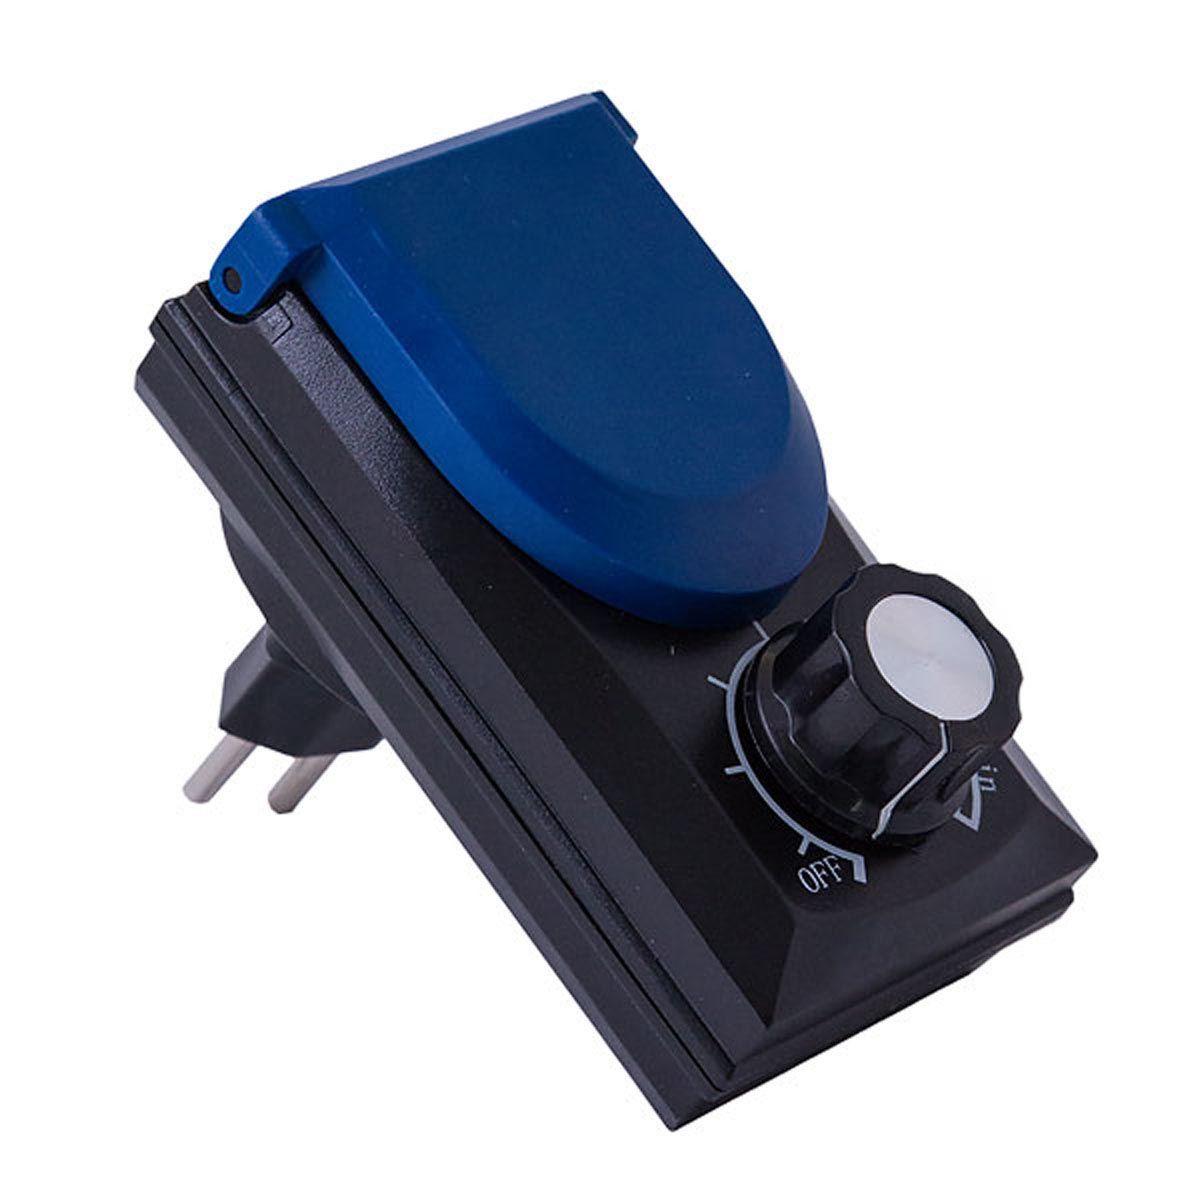 Drehzahlsteller FC-3000, schwarz/blau, 20 - 800 W, 230 V